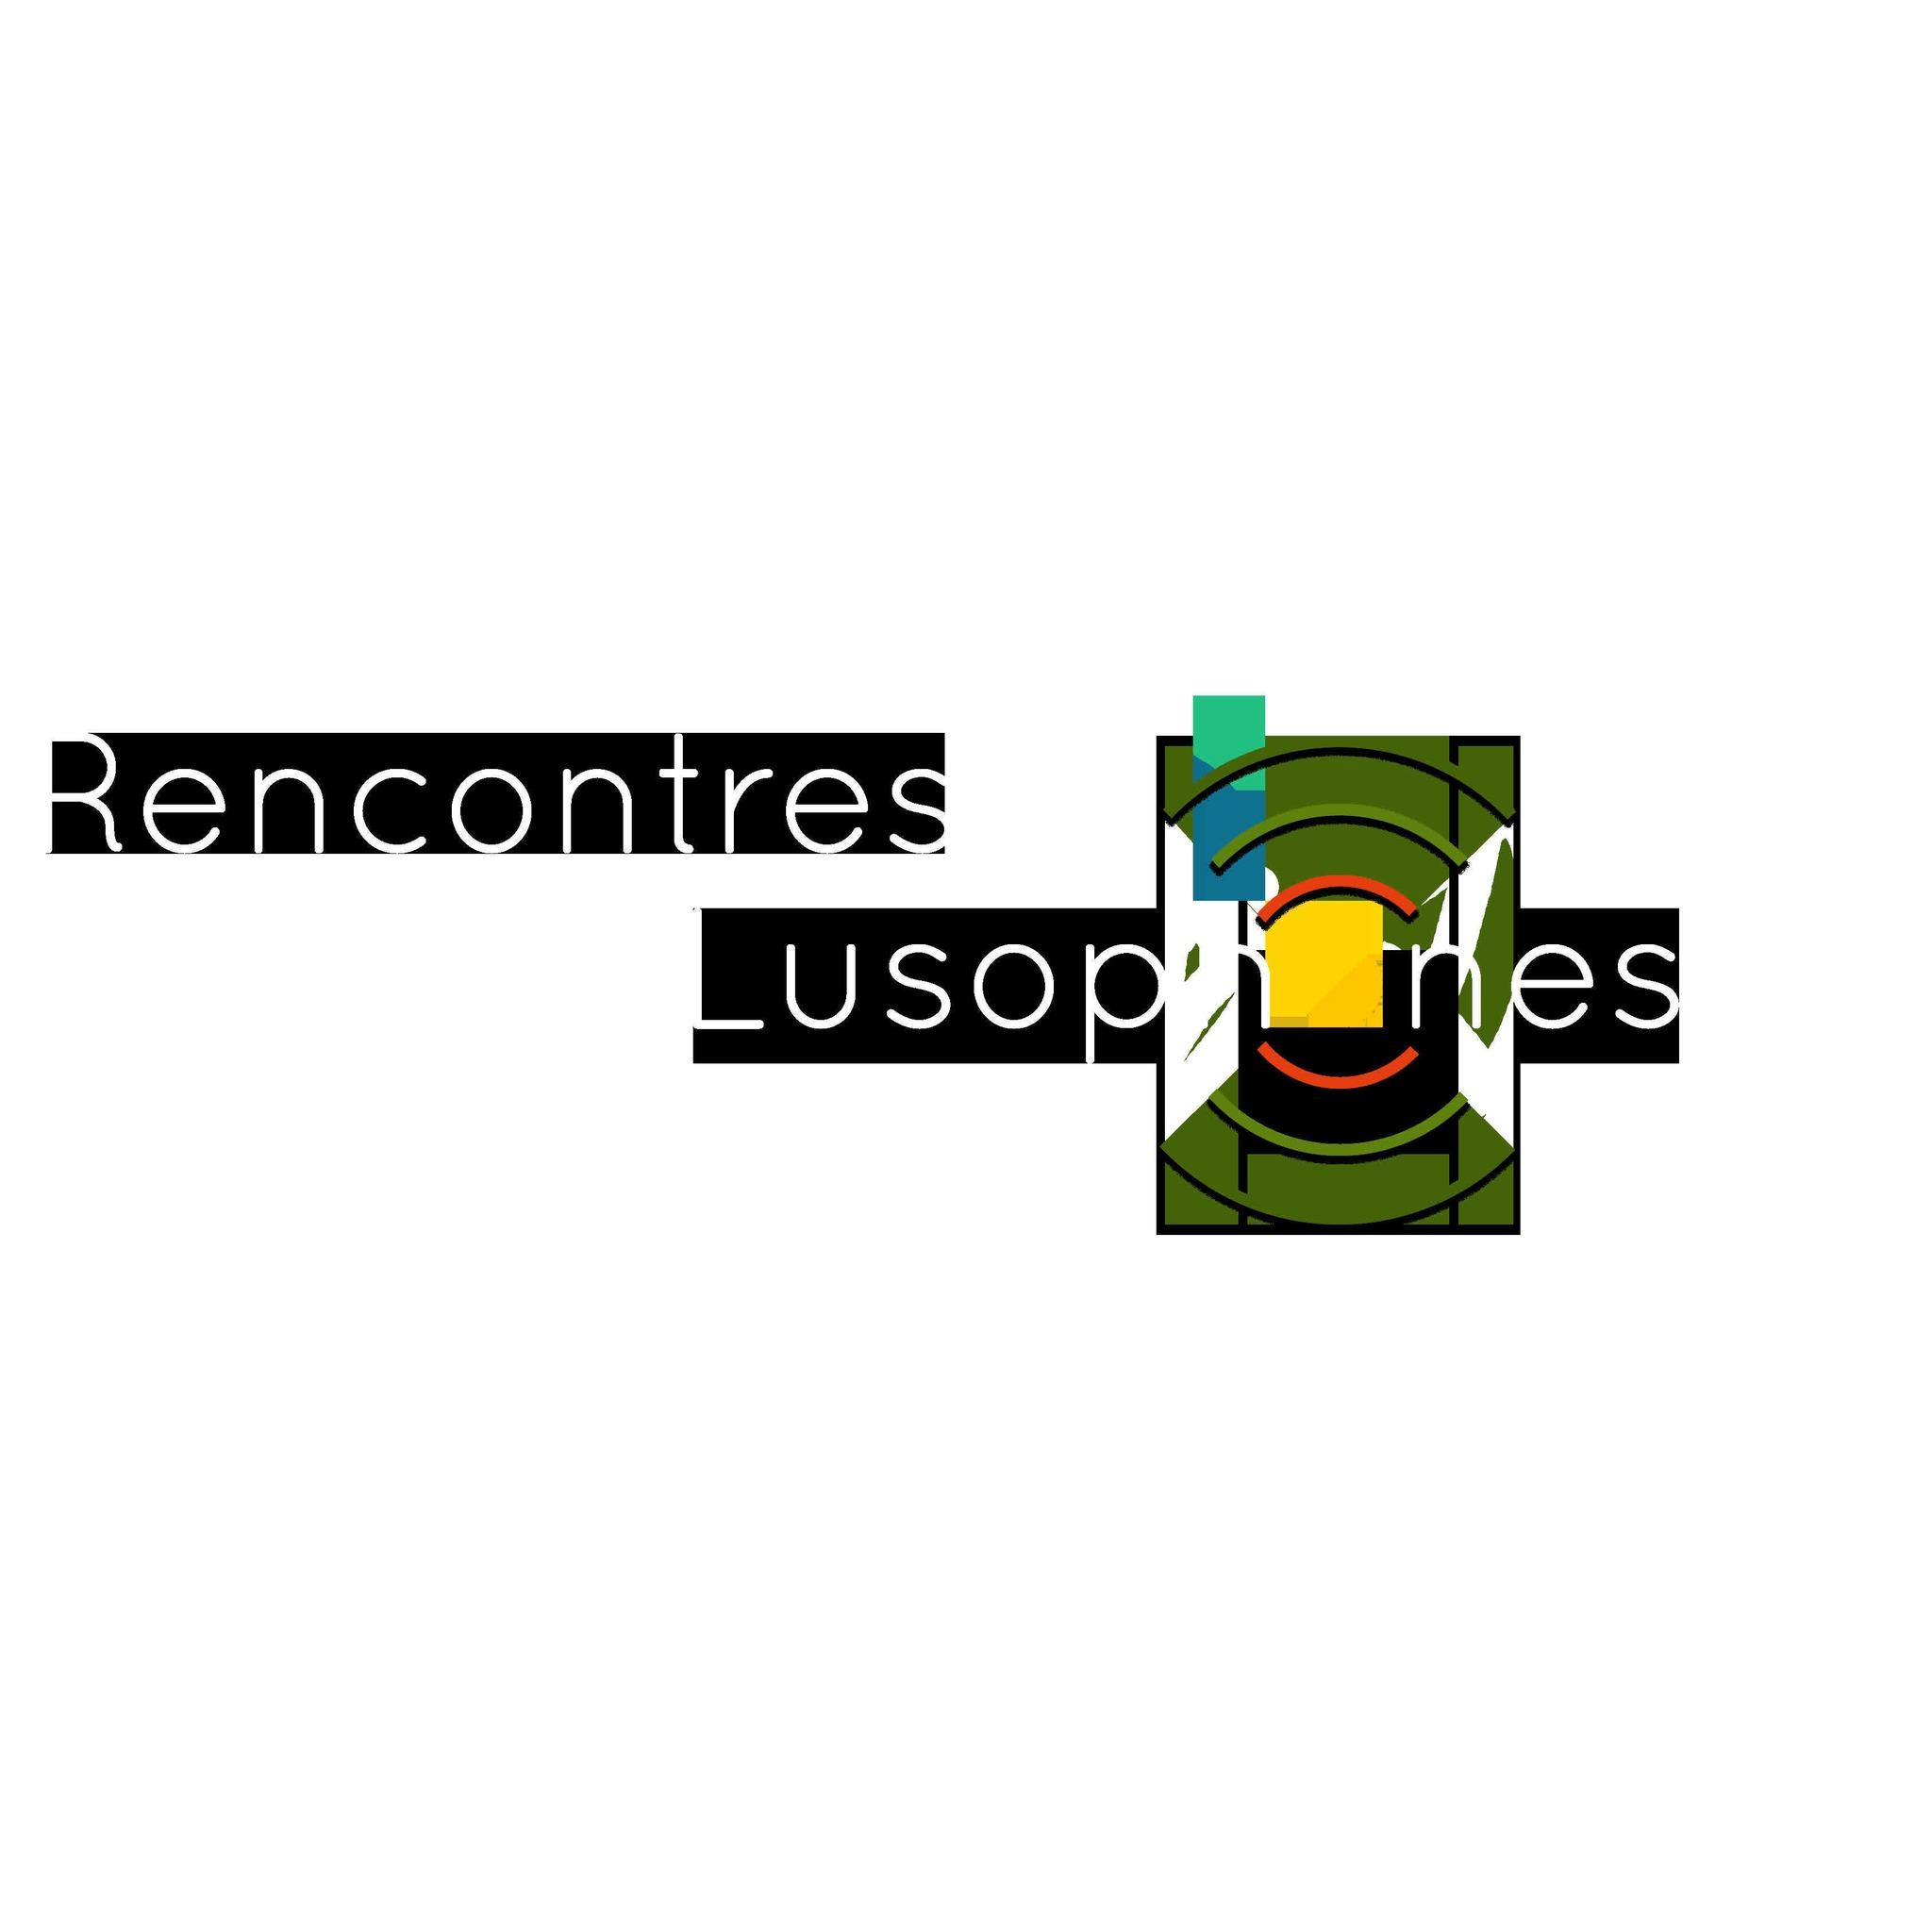 Rencontres Lusophones 12 09 20